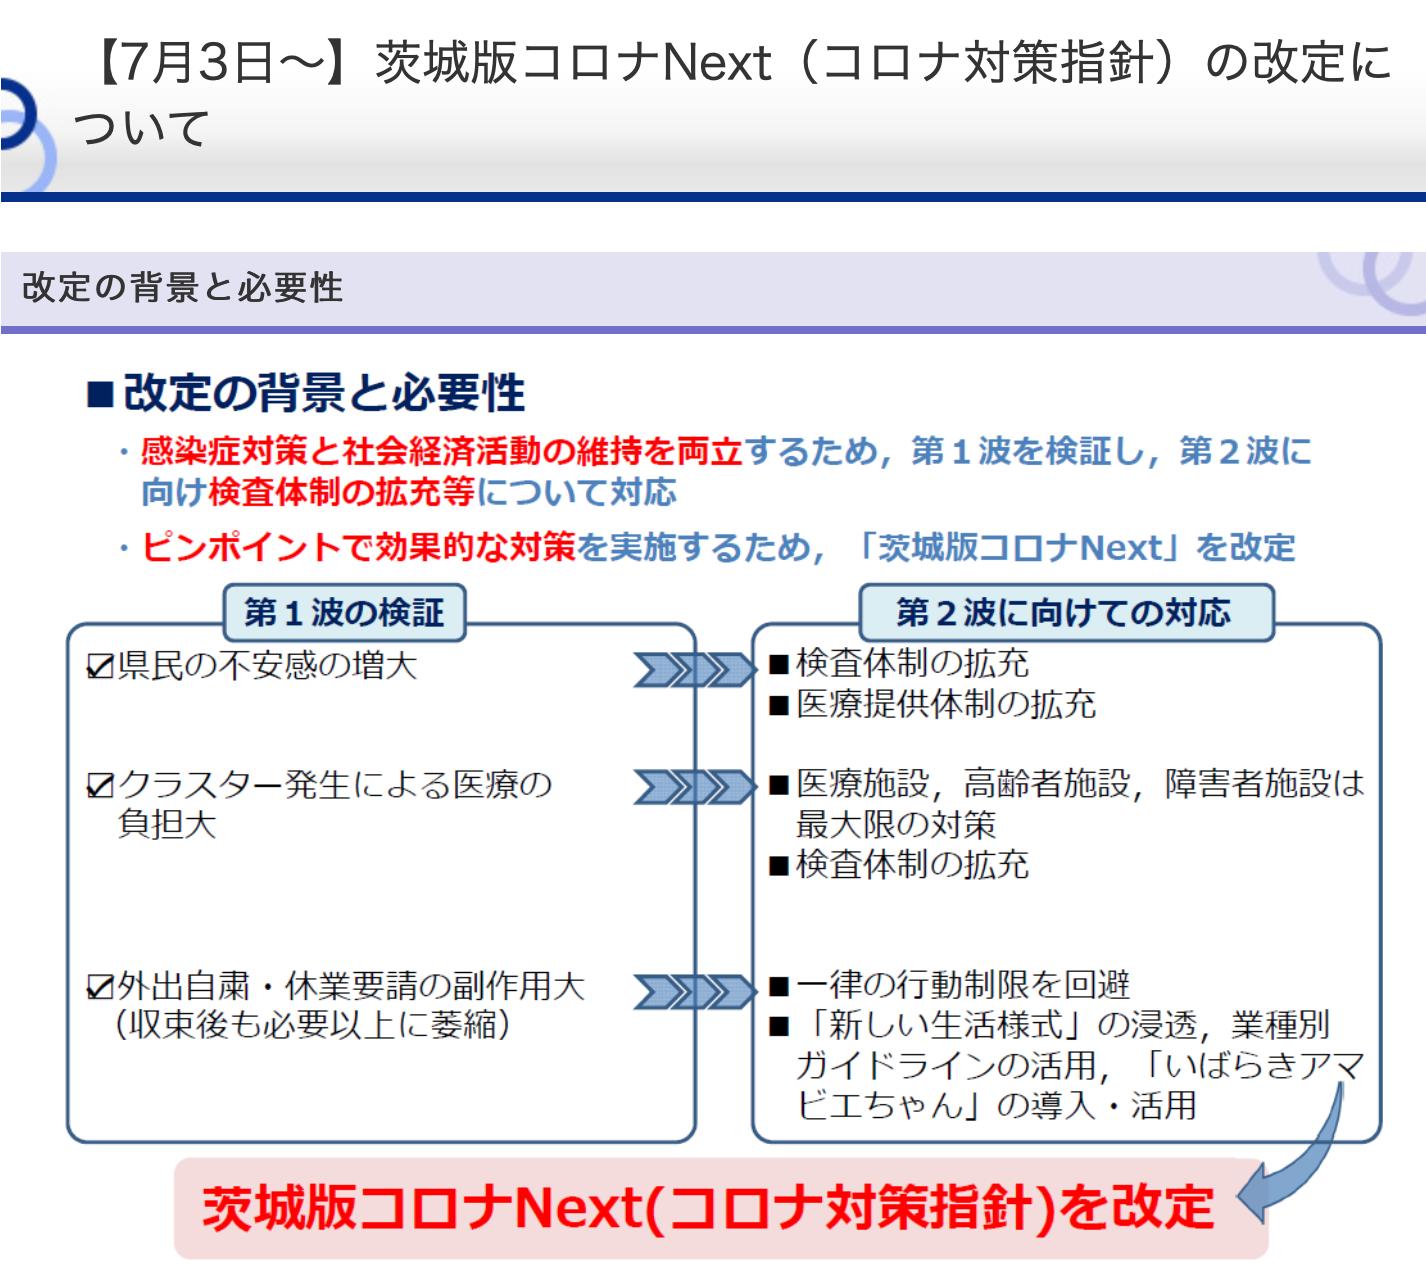 茨城県ステージ変更202007